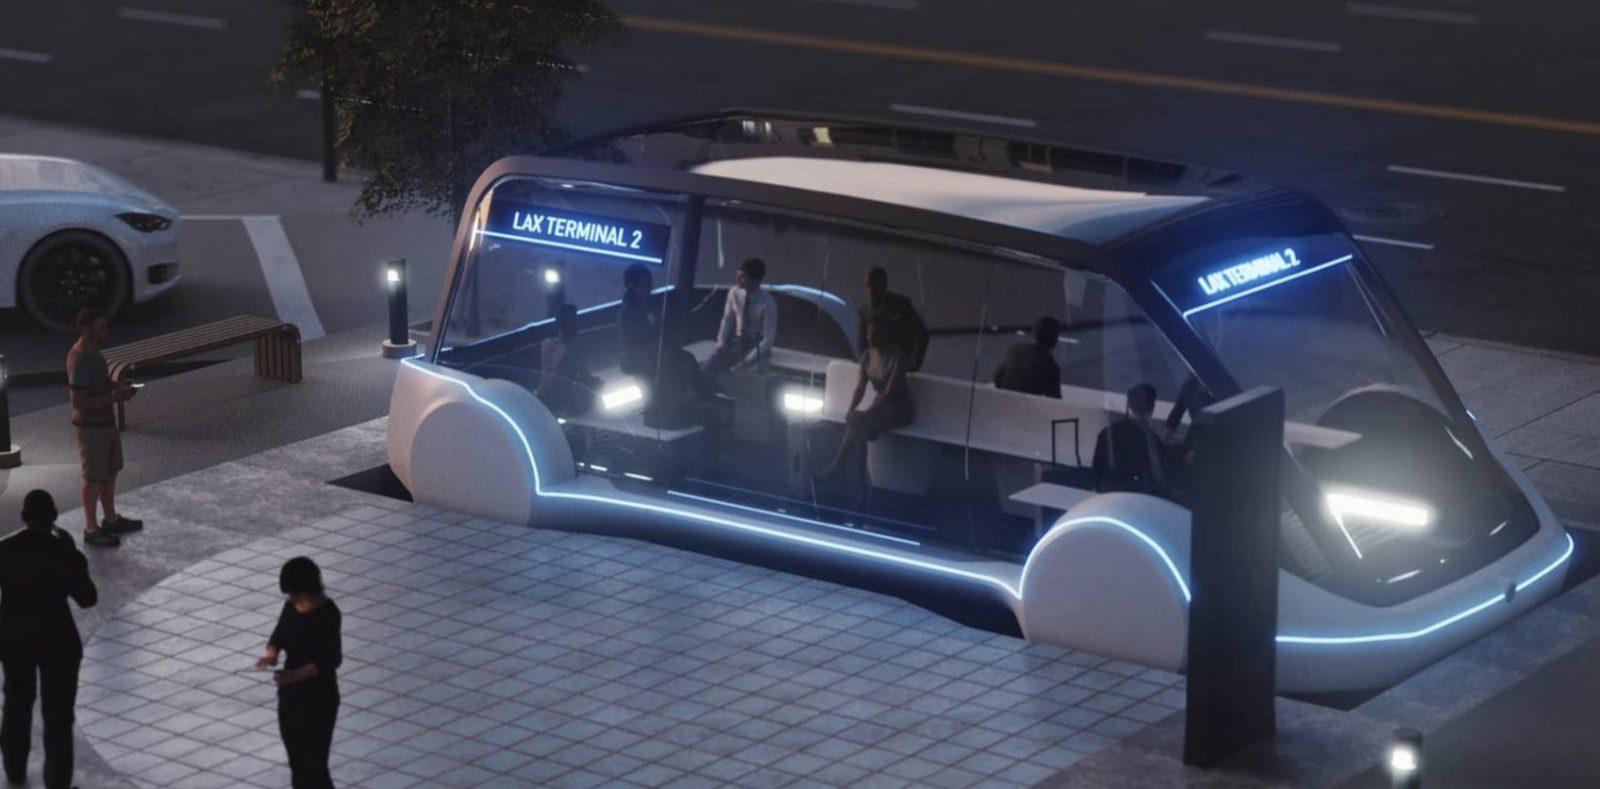 Underground Commuter System